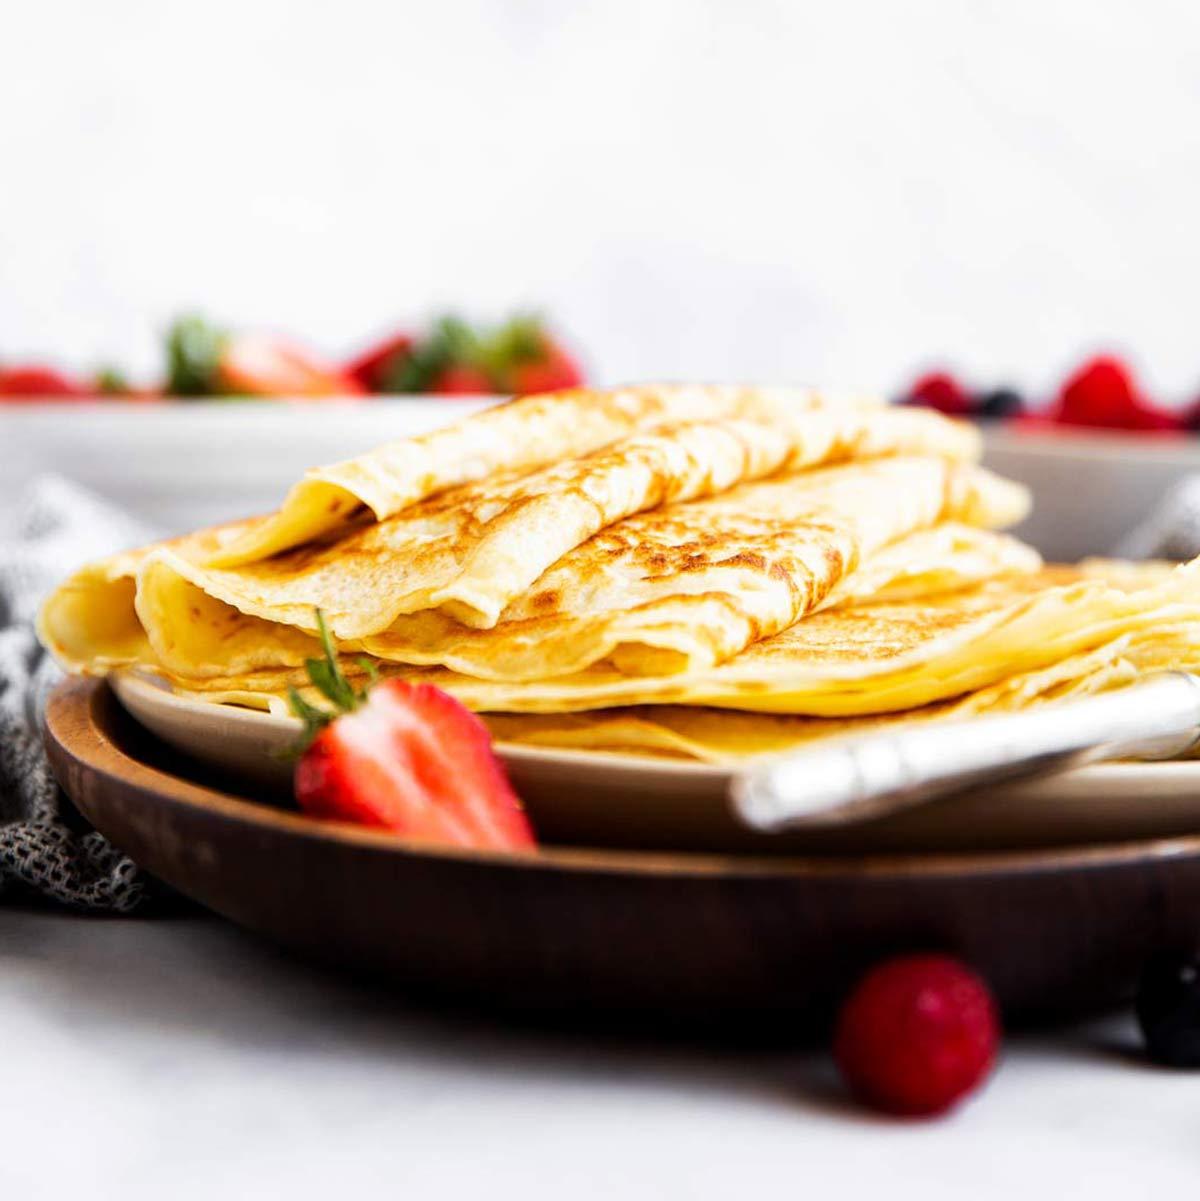 Stapel Pfannkuchen auf einer Platte mit Beeren